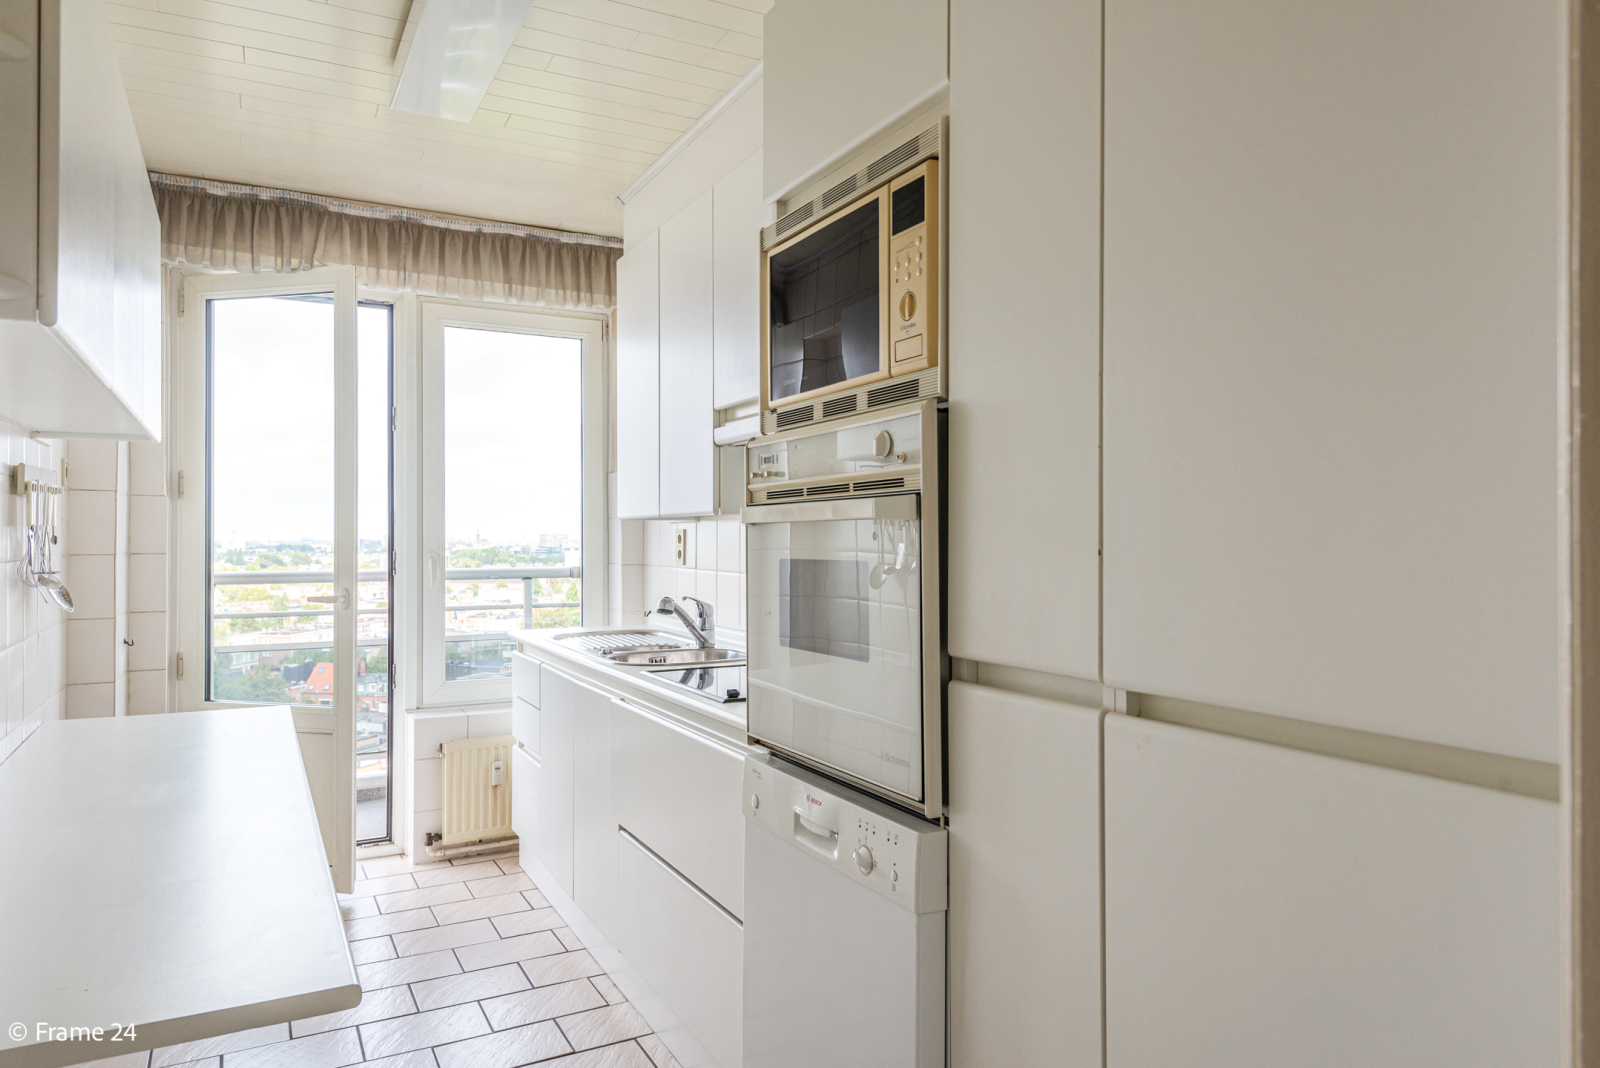 Appartement met 3 slaapkamers op gunstige locatie in Berchem. afbeelding 7